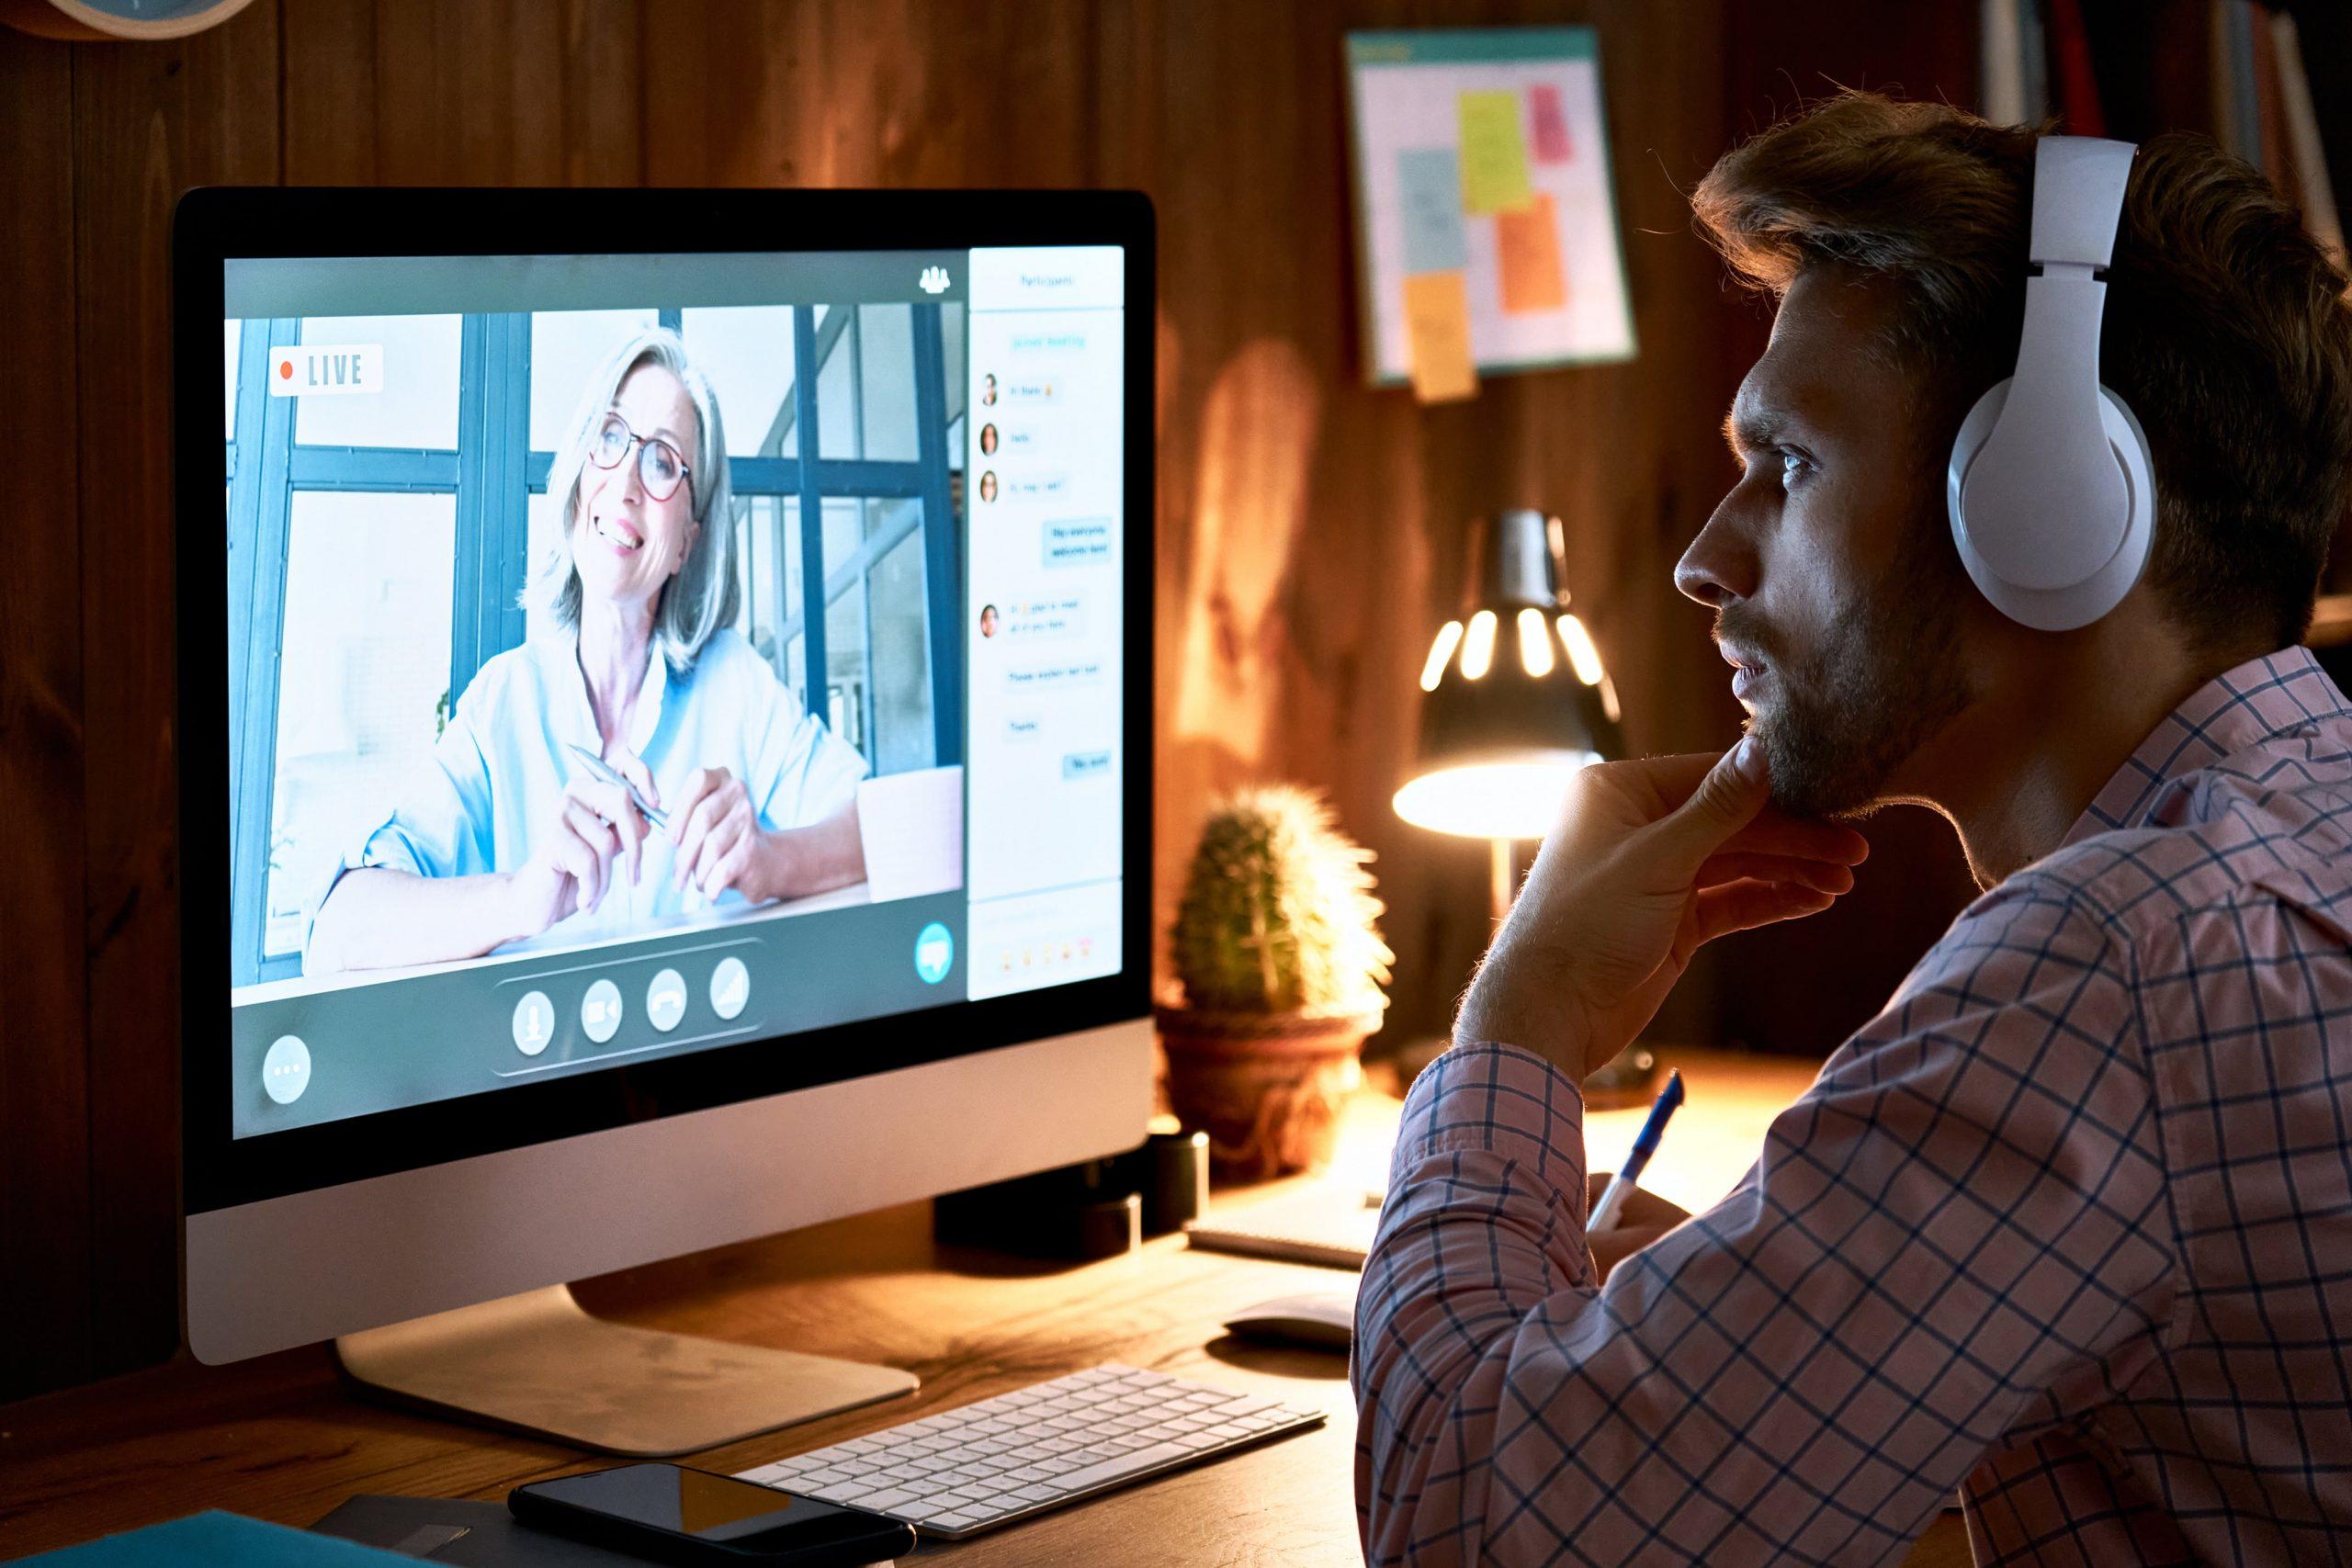 La comunicación a través de imágenes y videos corporativos para empresas